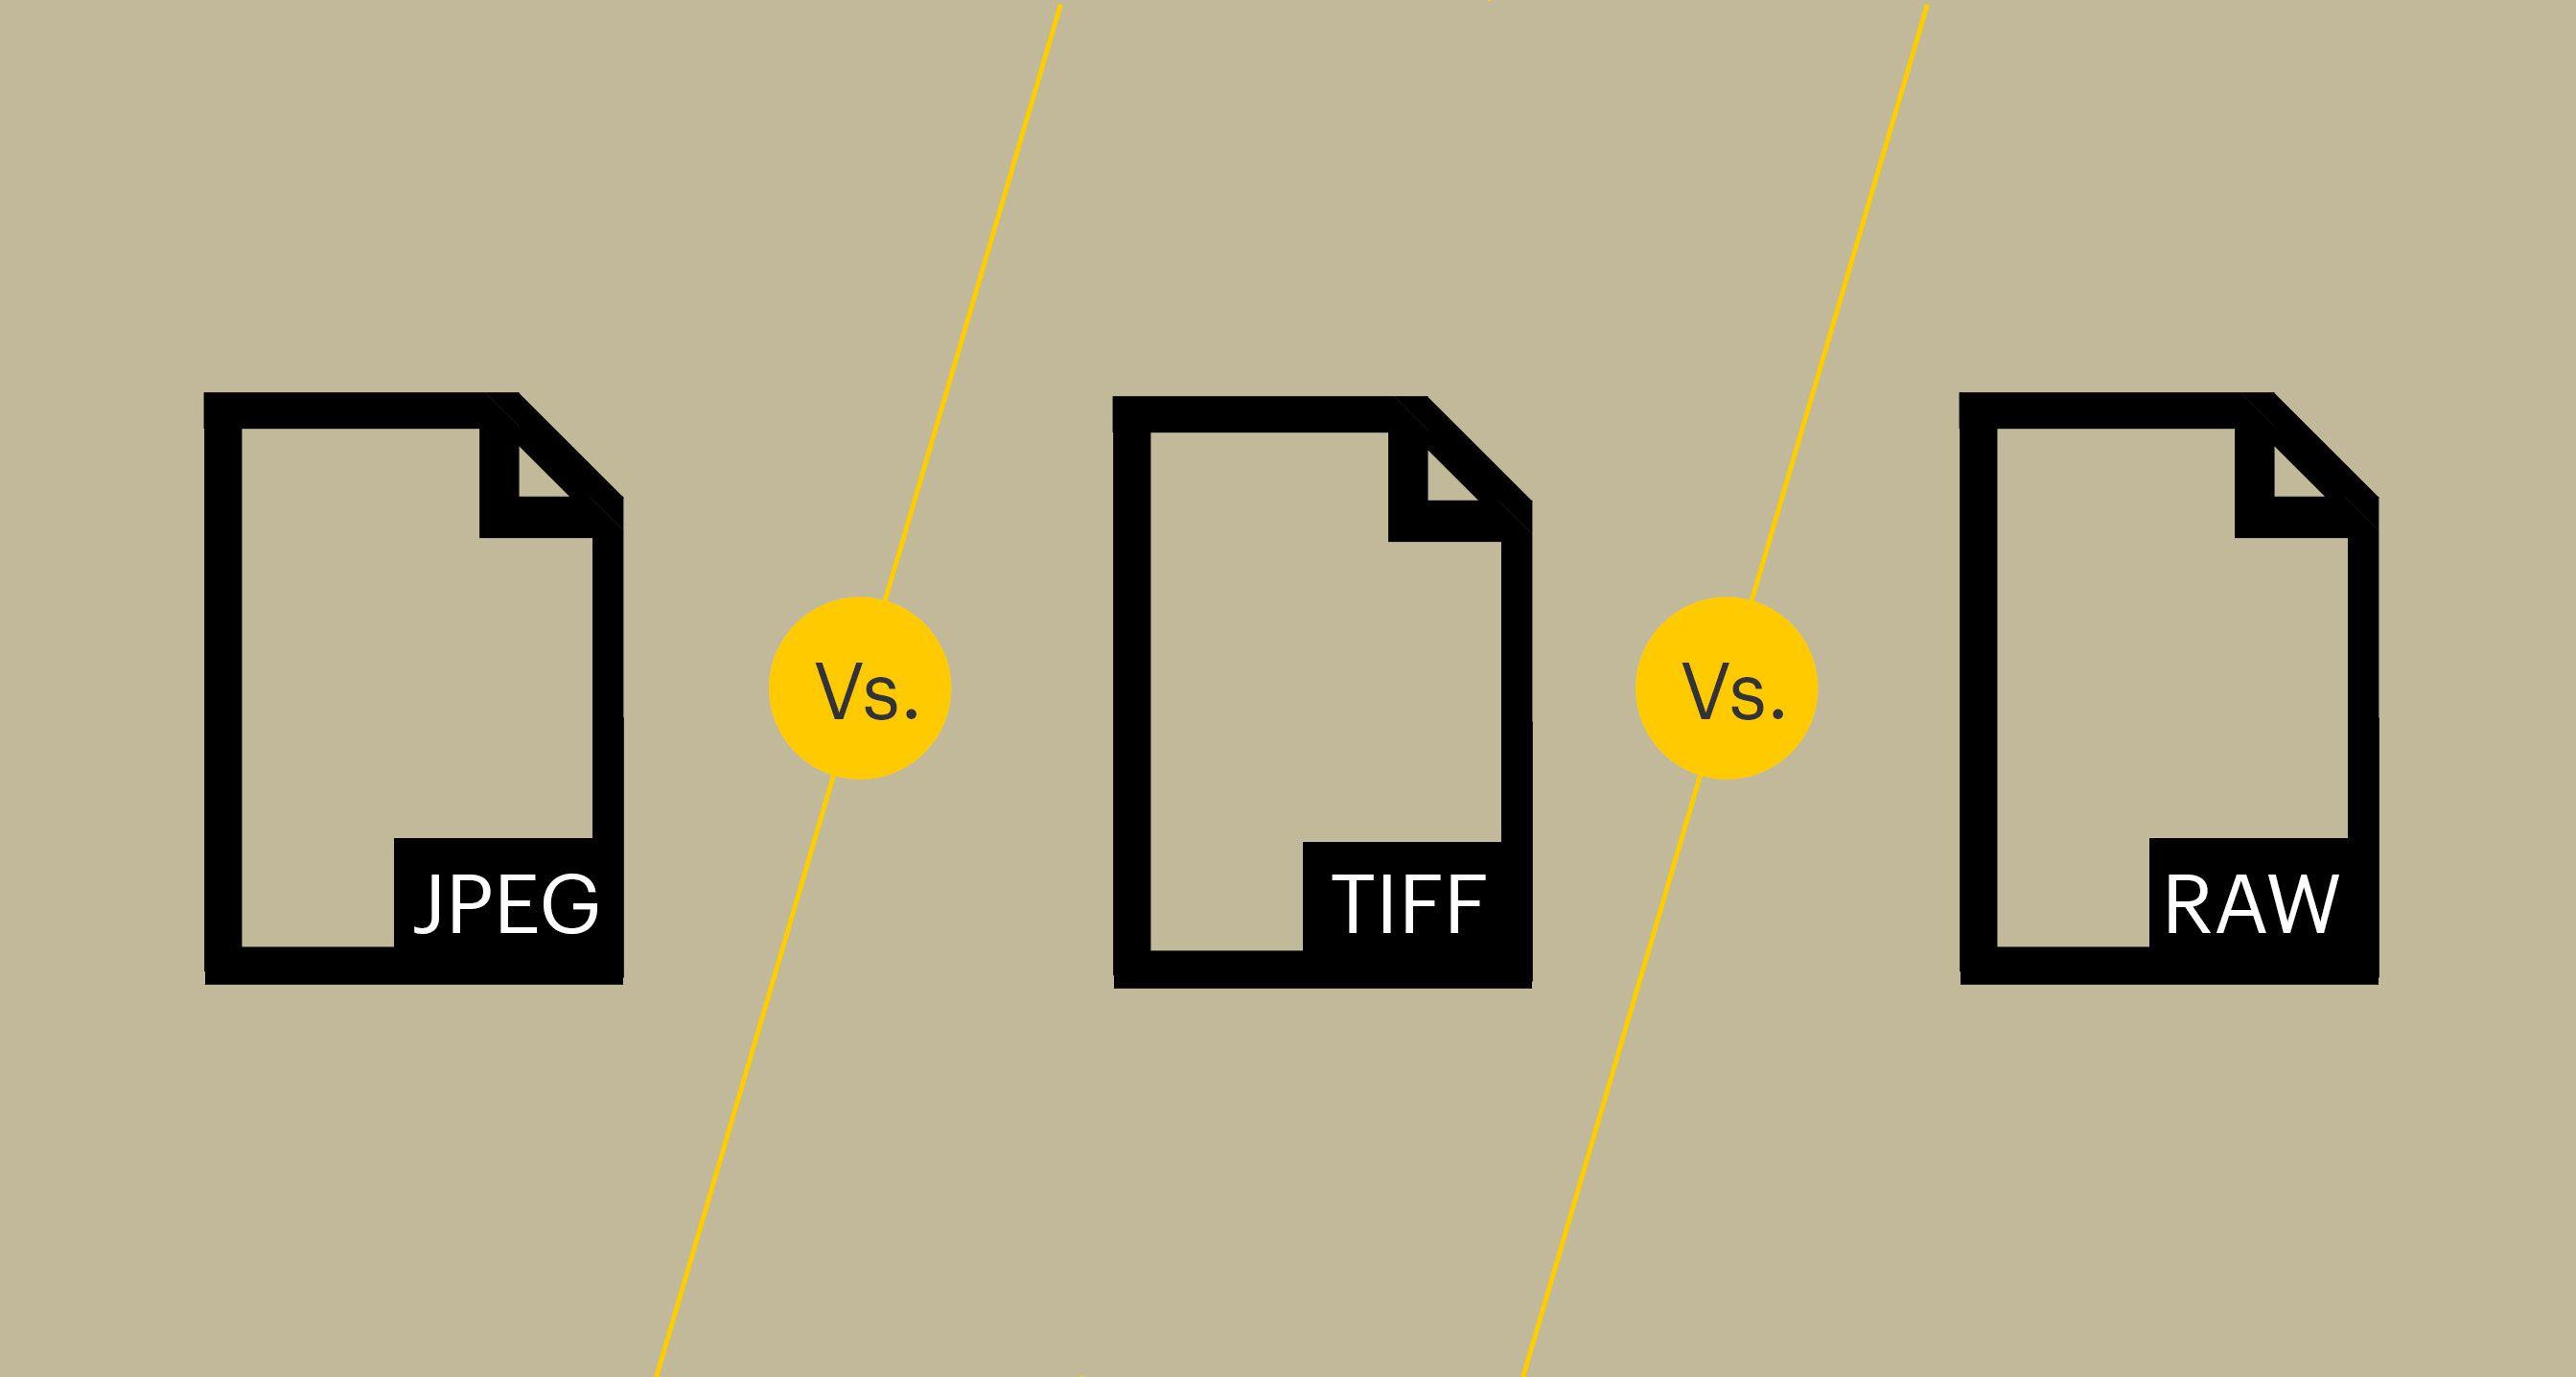 JPEG vs TIFF vs RAW